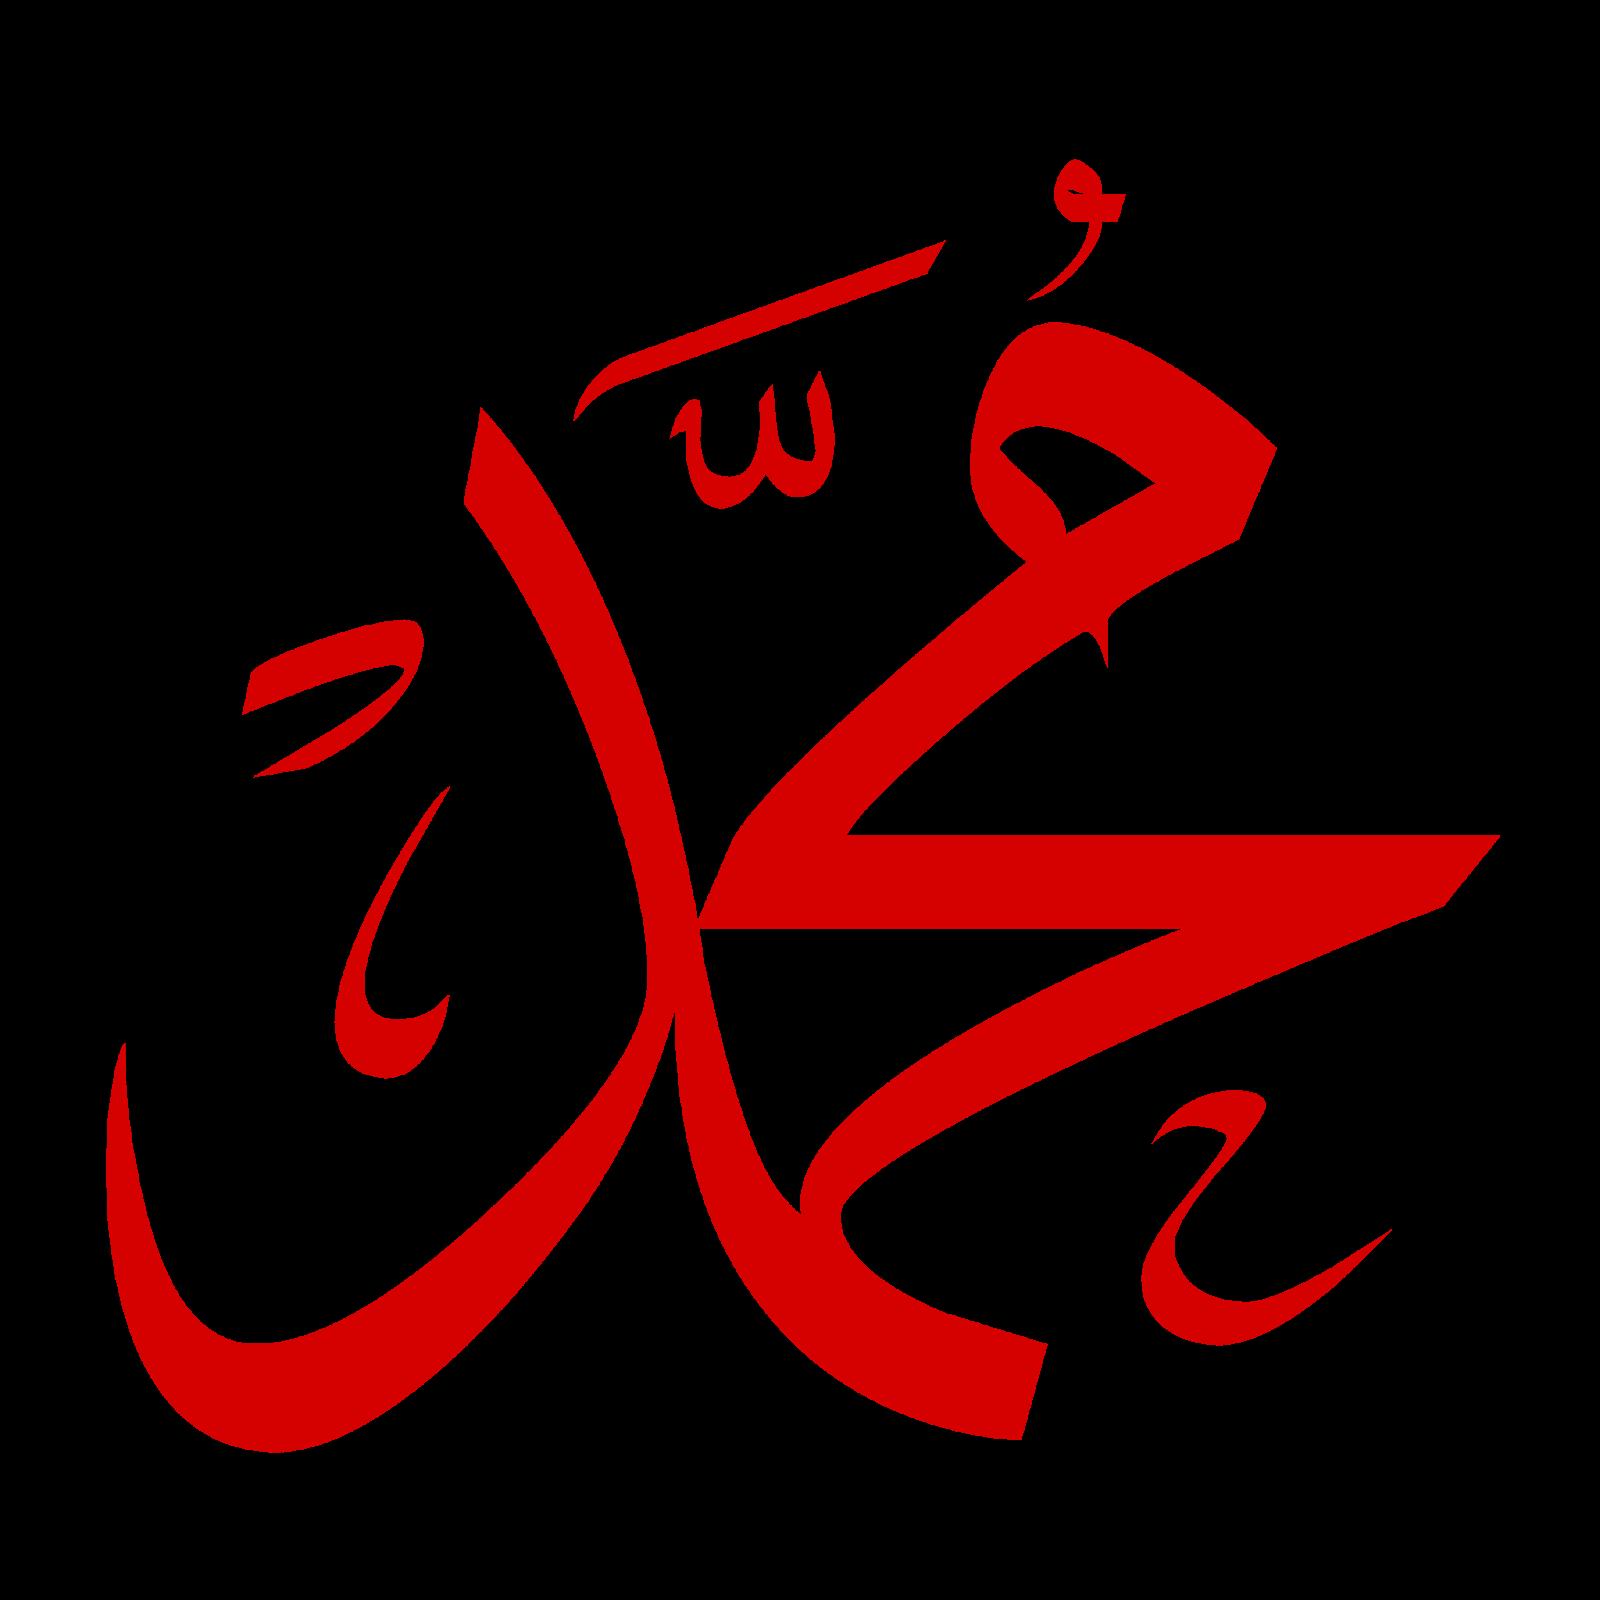 عبارات اسلامية شفافة للتصميم محمد صلى الله عليه وسلم مزخرف الصور